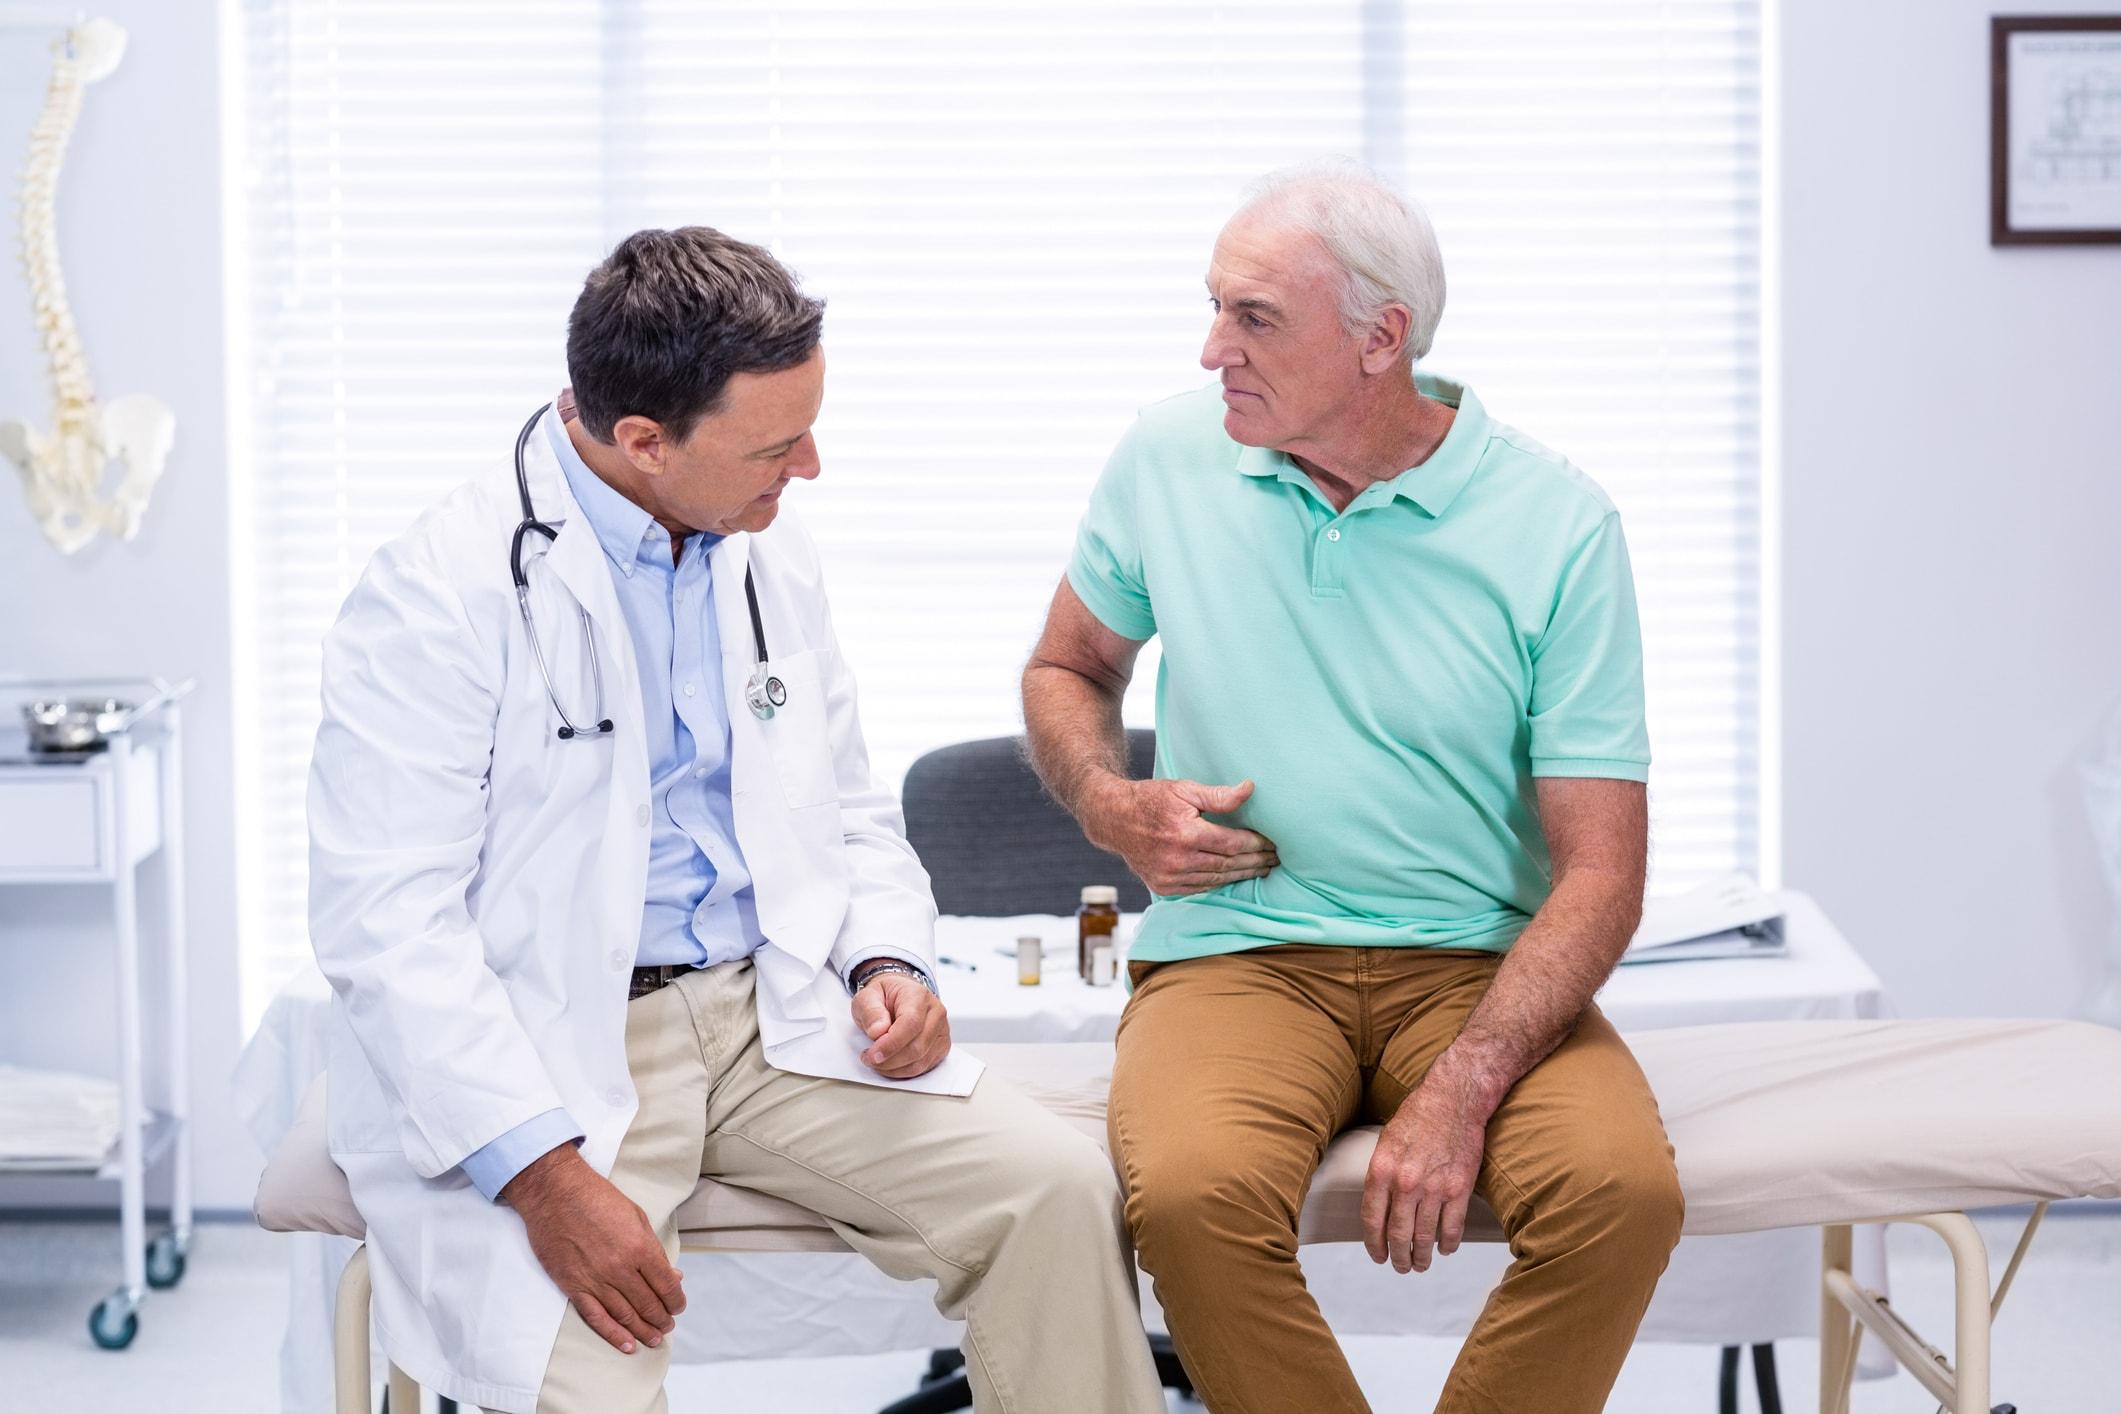 Grüner Stuhllgang: Wann sollte ich zum Arzt gehen?